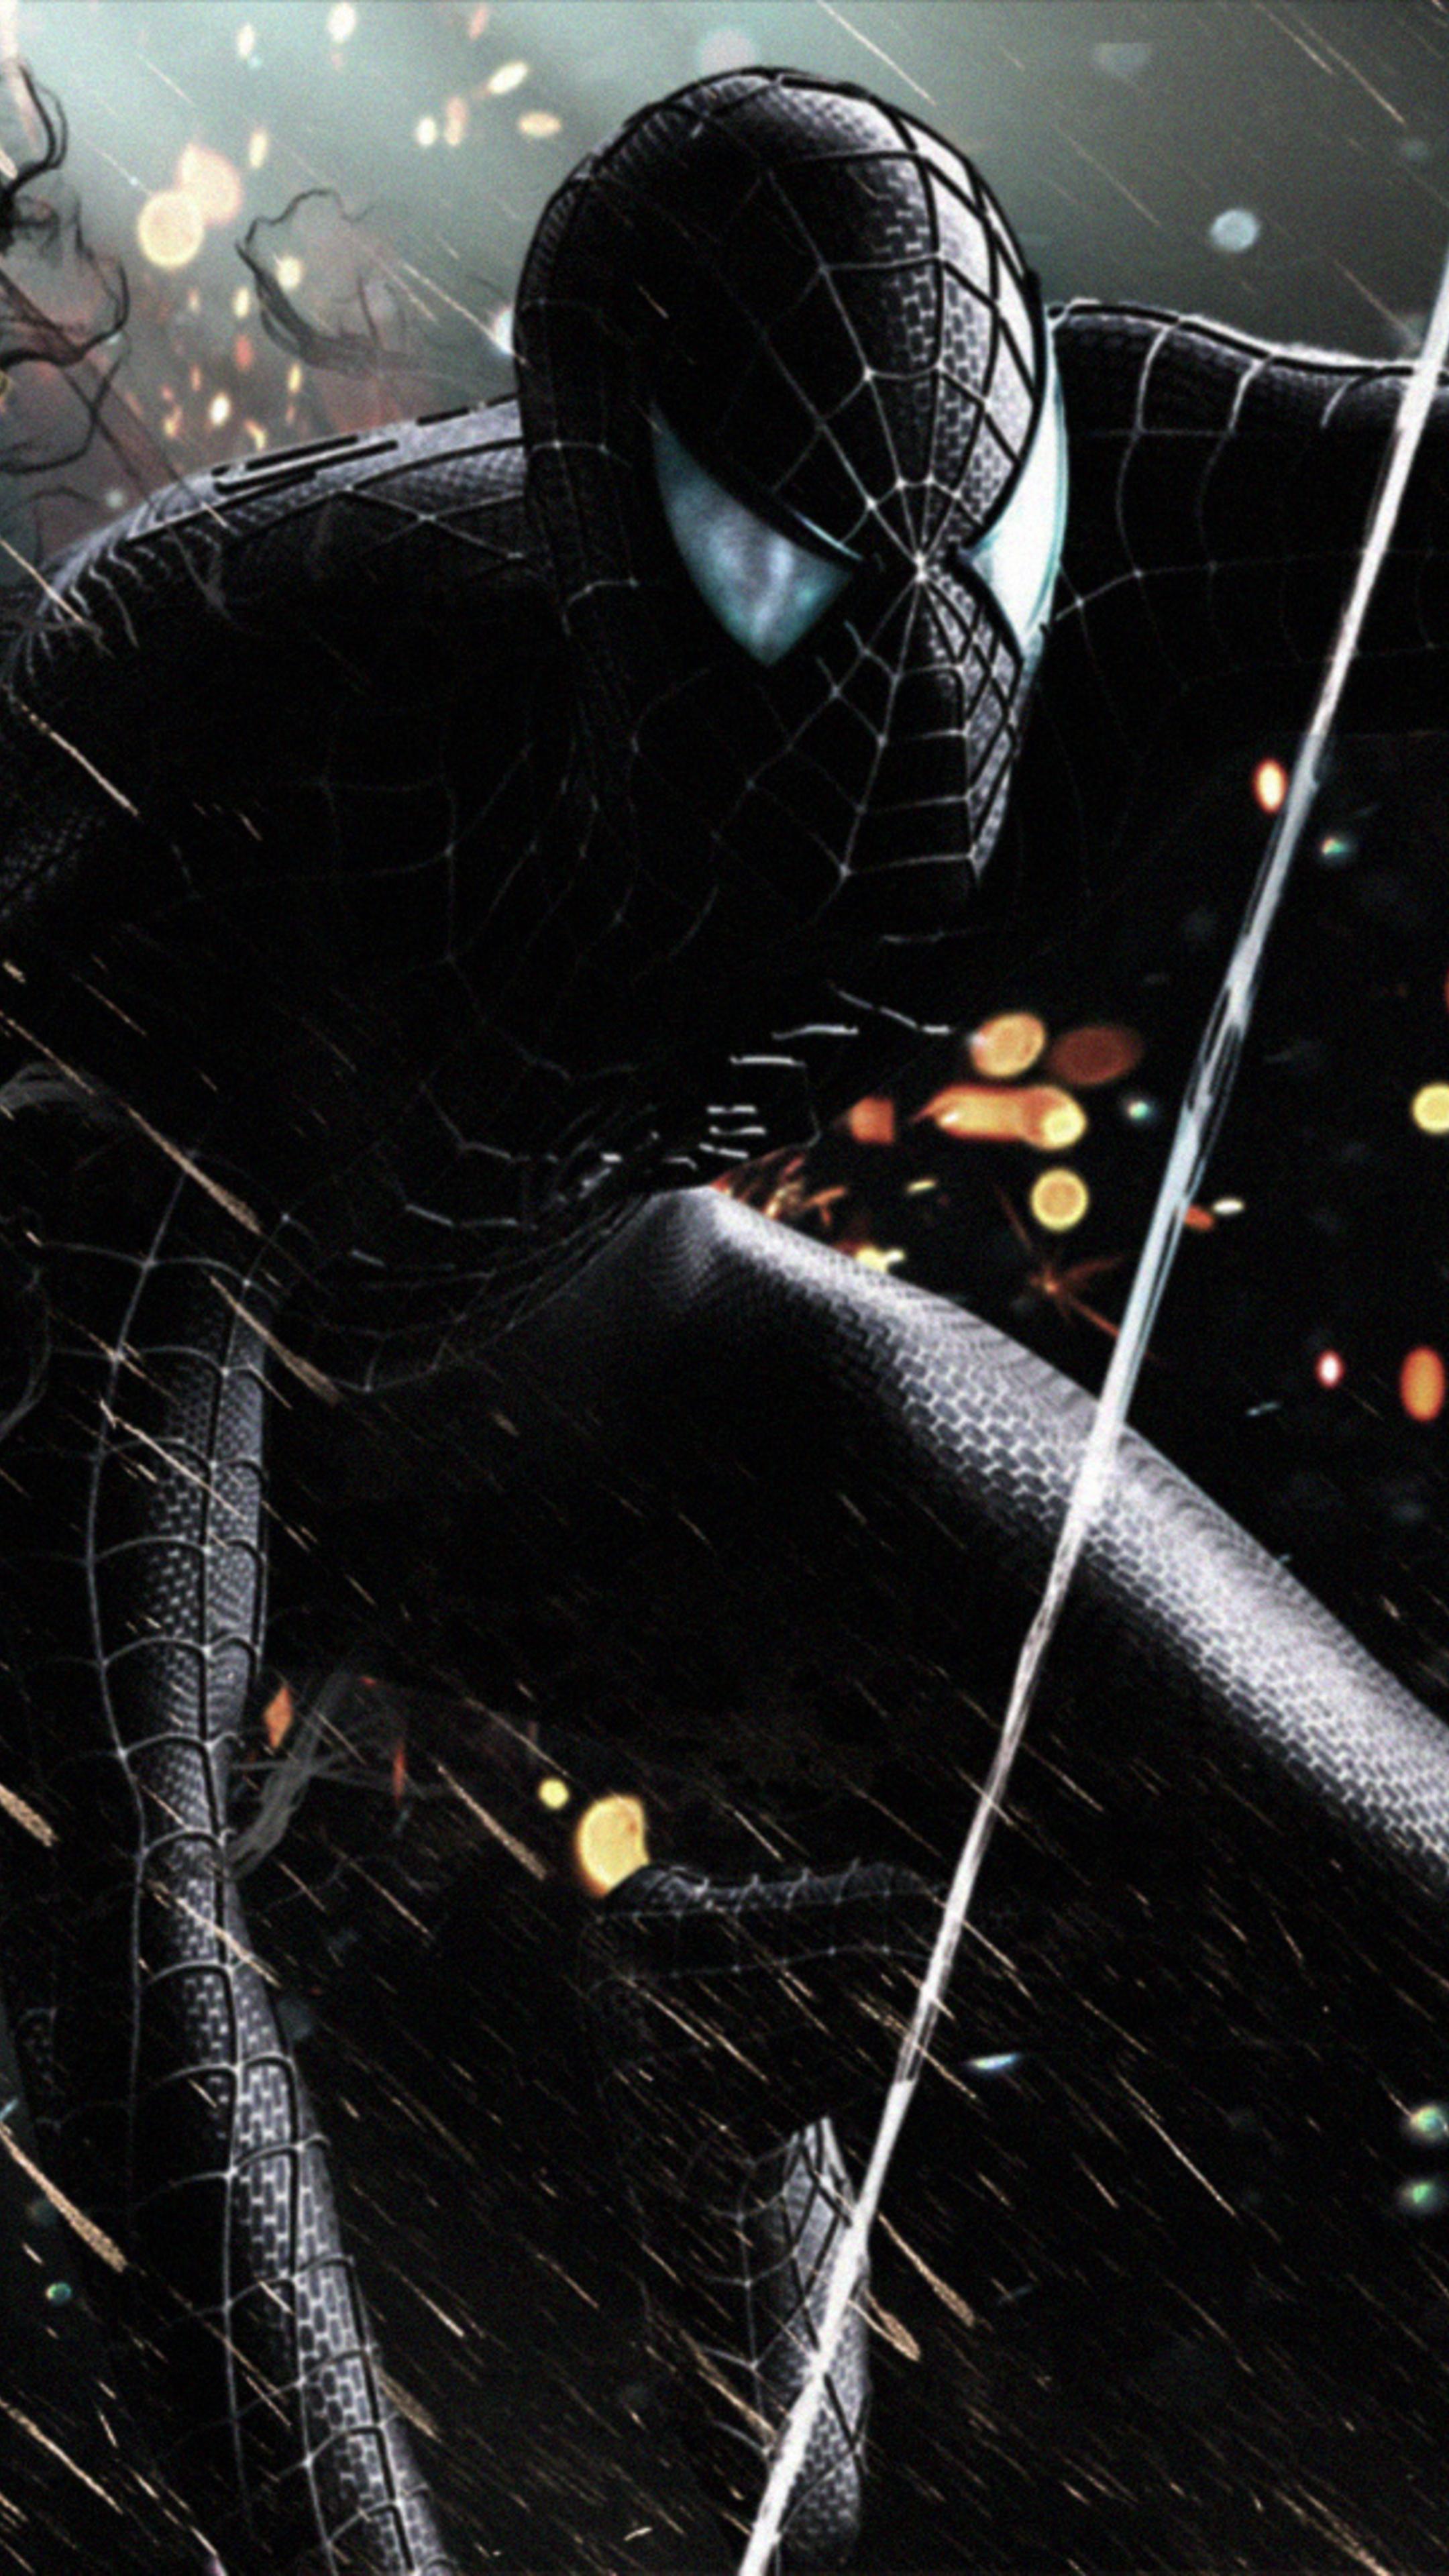 2160x3840 Black Spiderman Sony Xperia Xxzz5 Premium Hd 4k